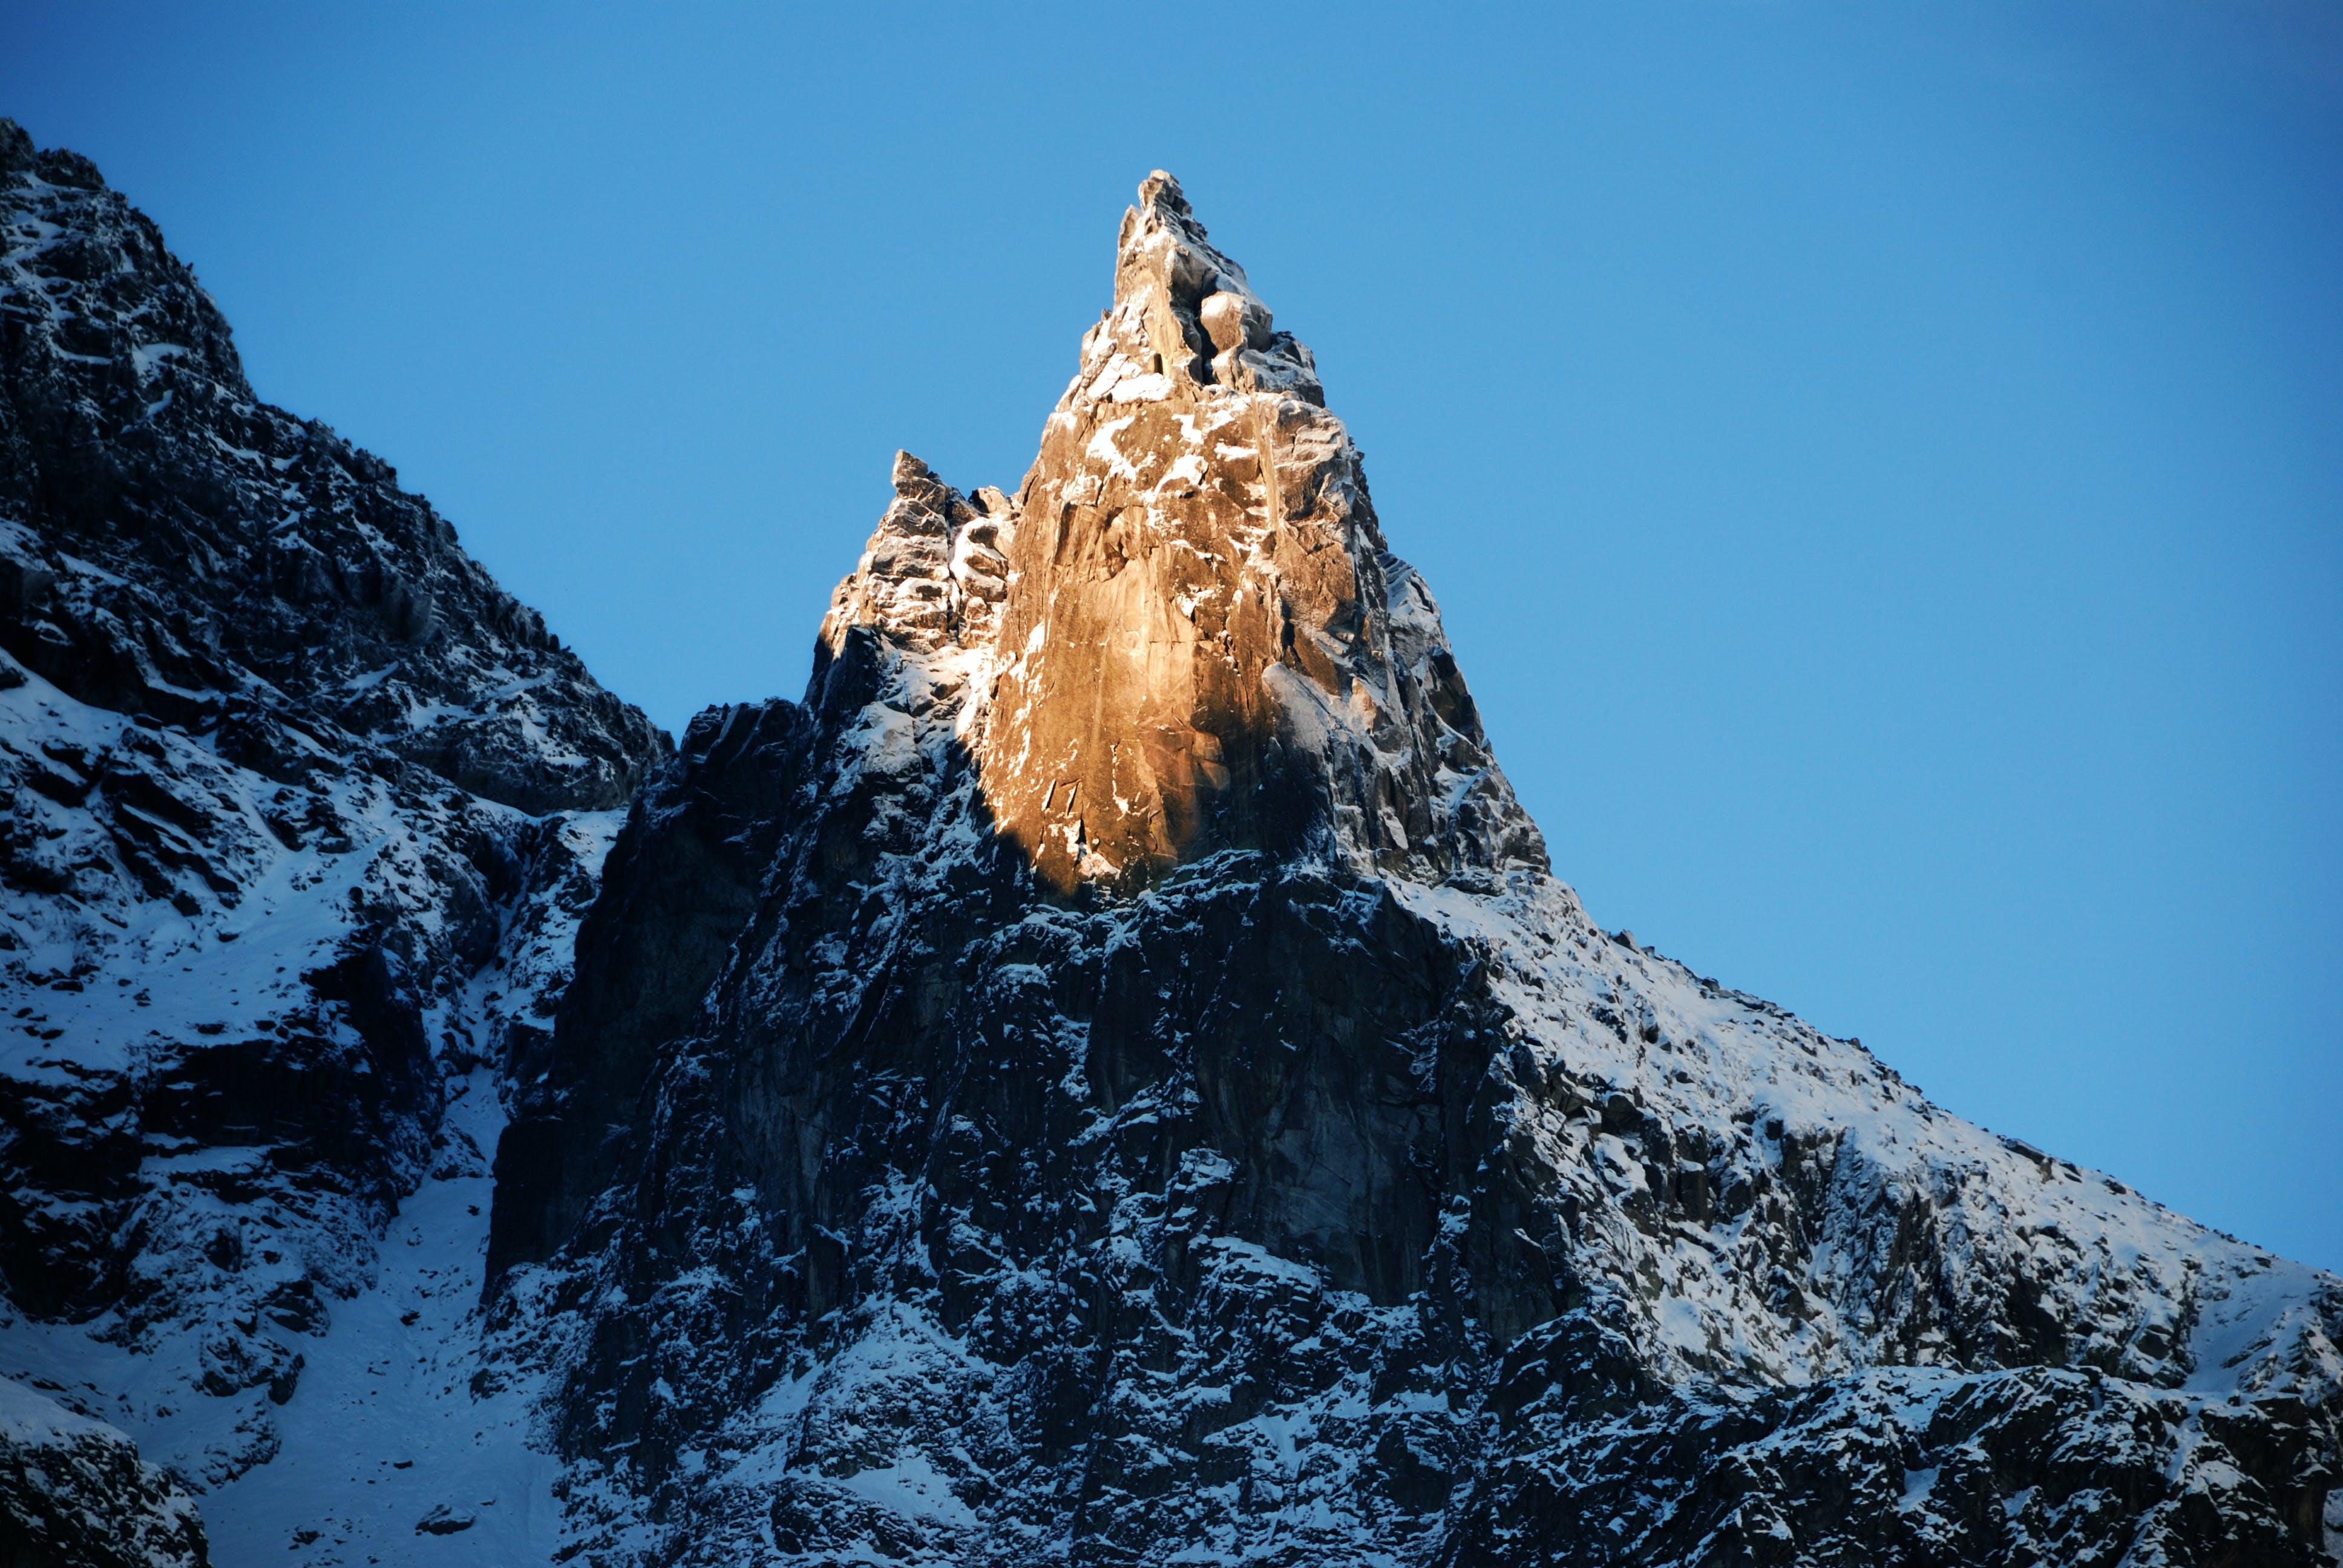 Δωρεάν στοκ φωτογραφιών με mnich, βουνό, γραφικός, κρύο